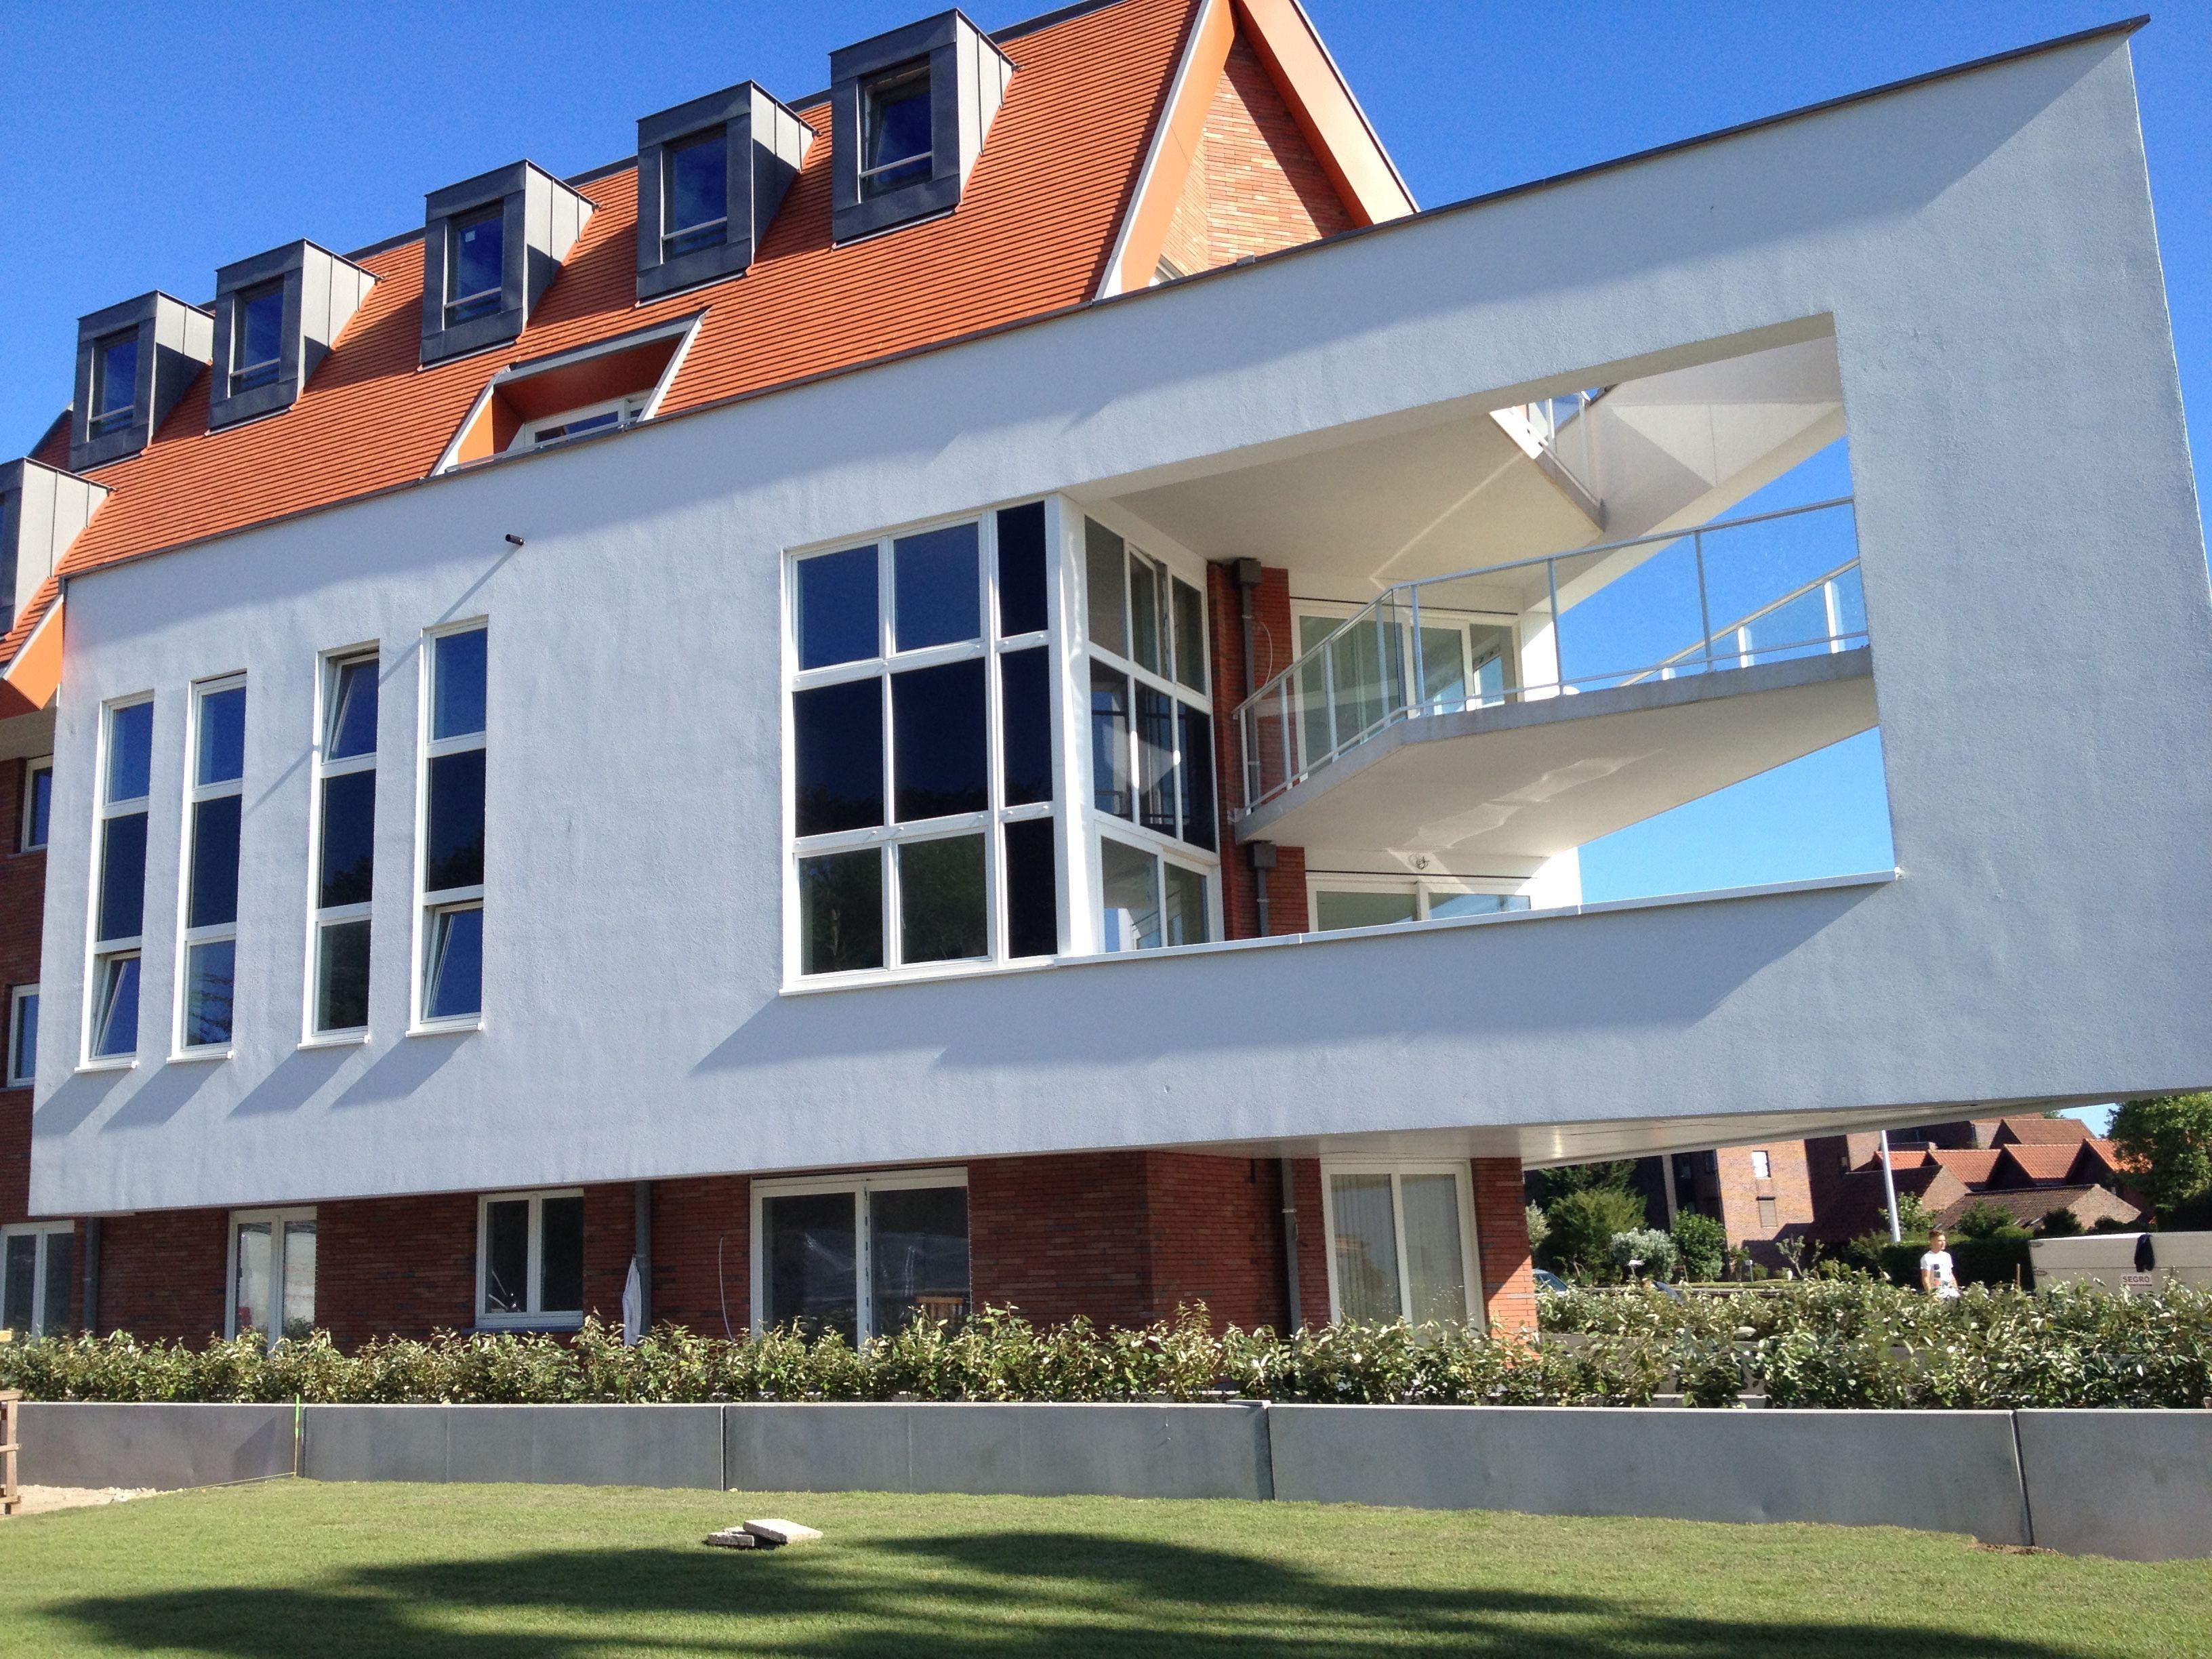 Appartement Residentie Villa Crombez Nieuwpoort - 6135